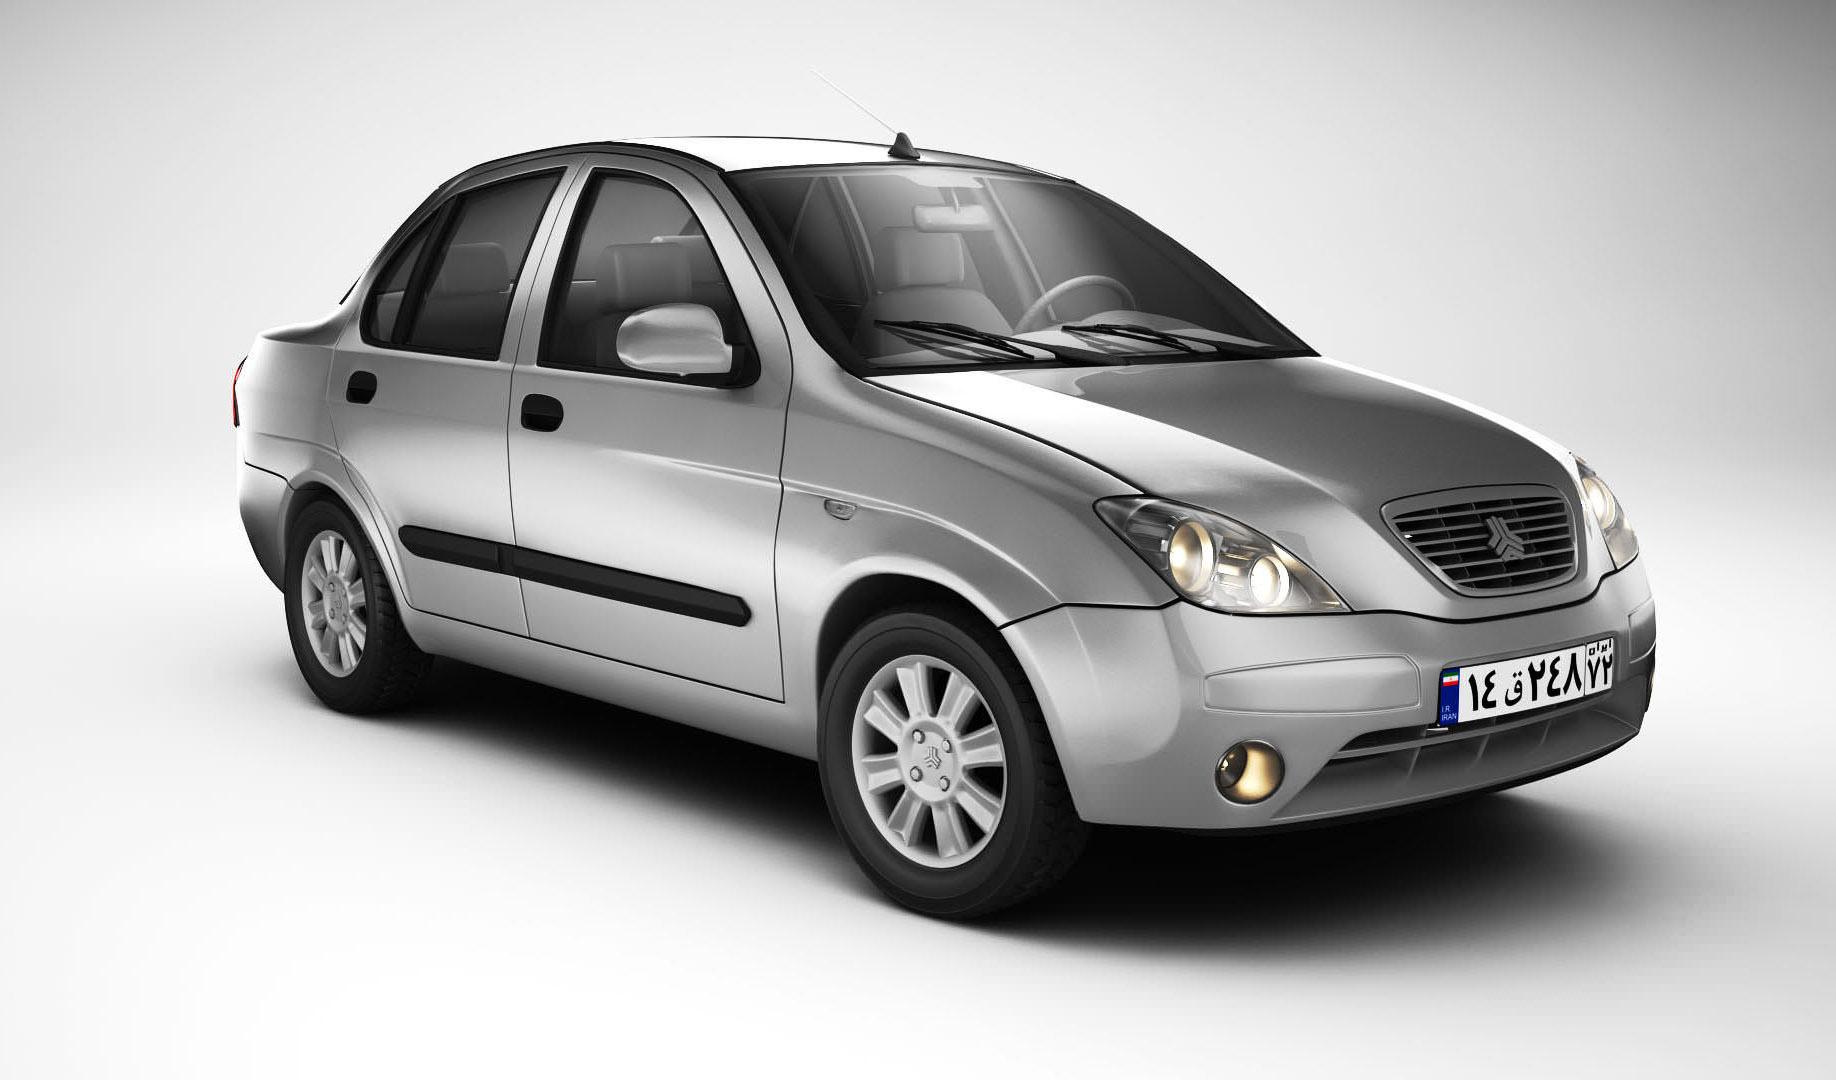 ماشین هایی که می توان با 60 میلیون تومان در بازار خرید + جدول ویژه آذر ۹۸